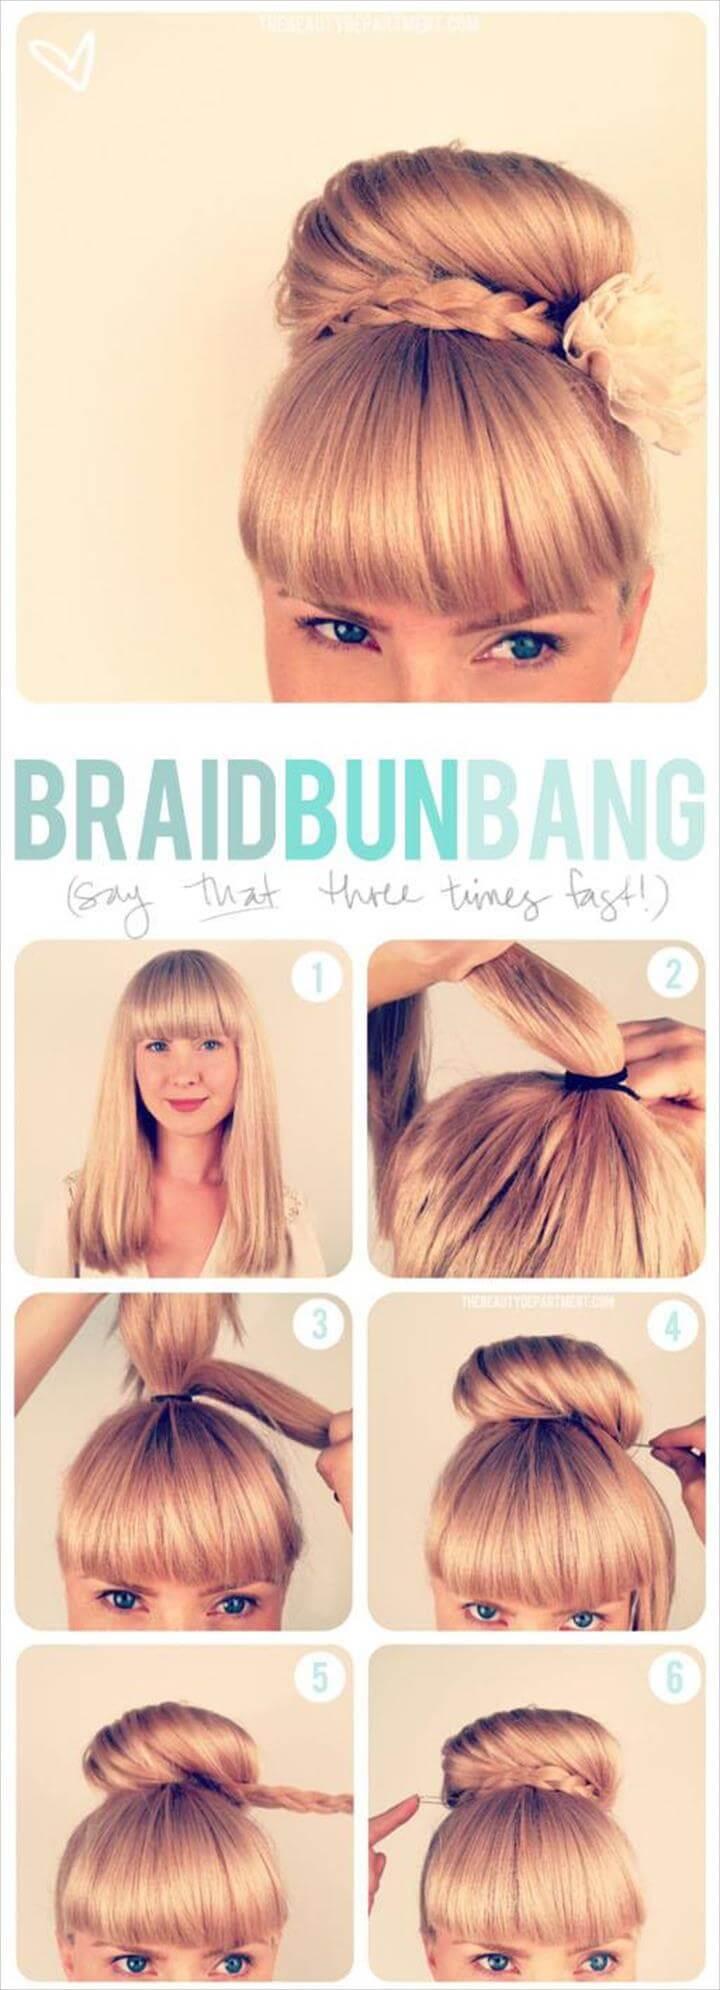 cute braid updo bun bang hairstyle